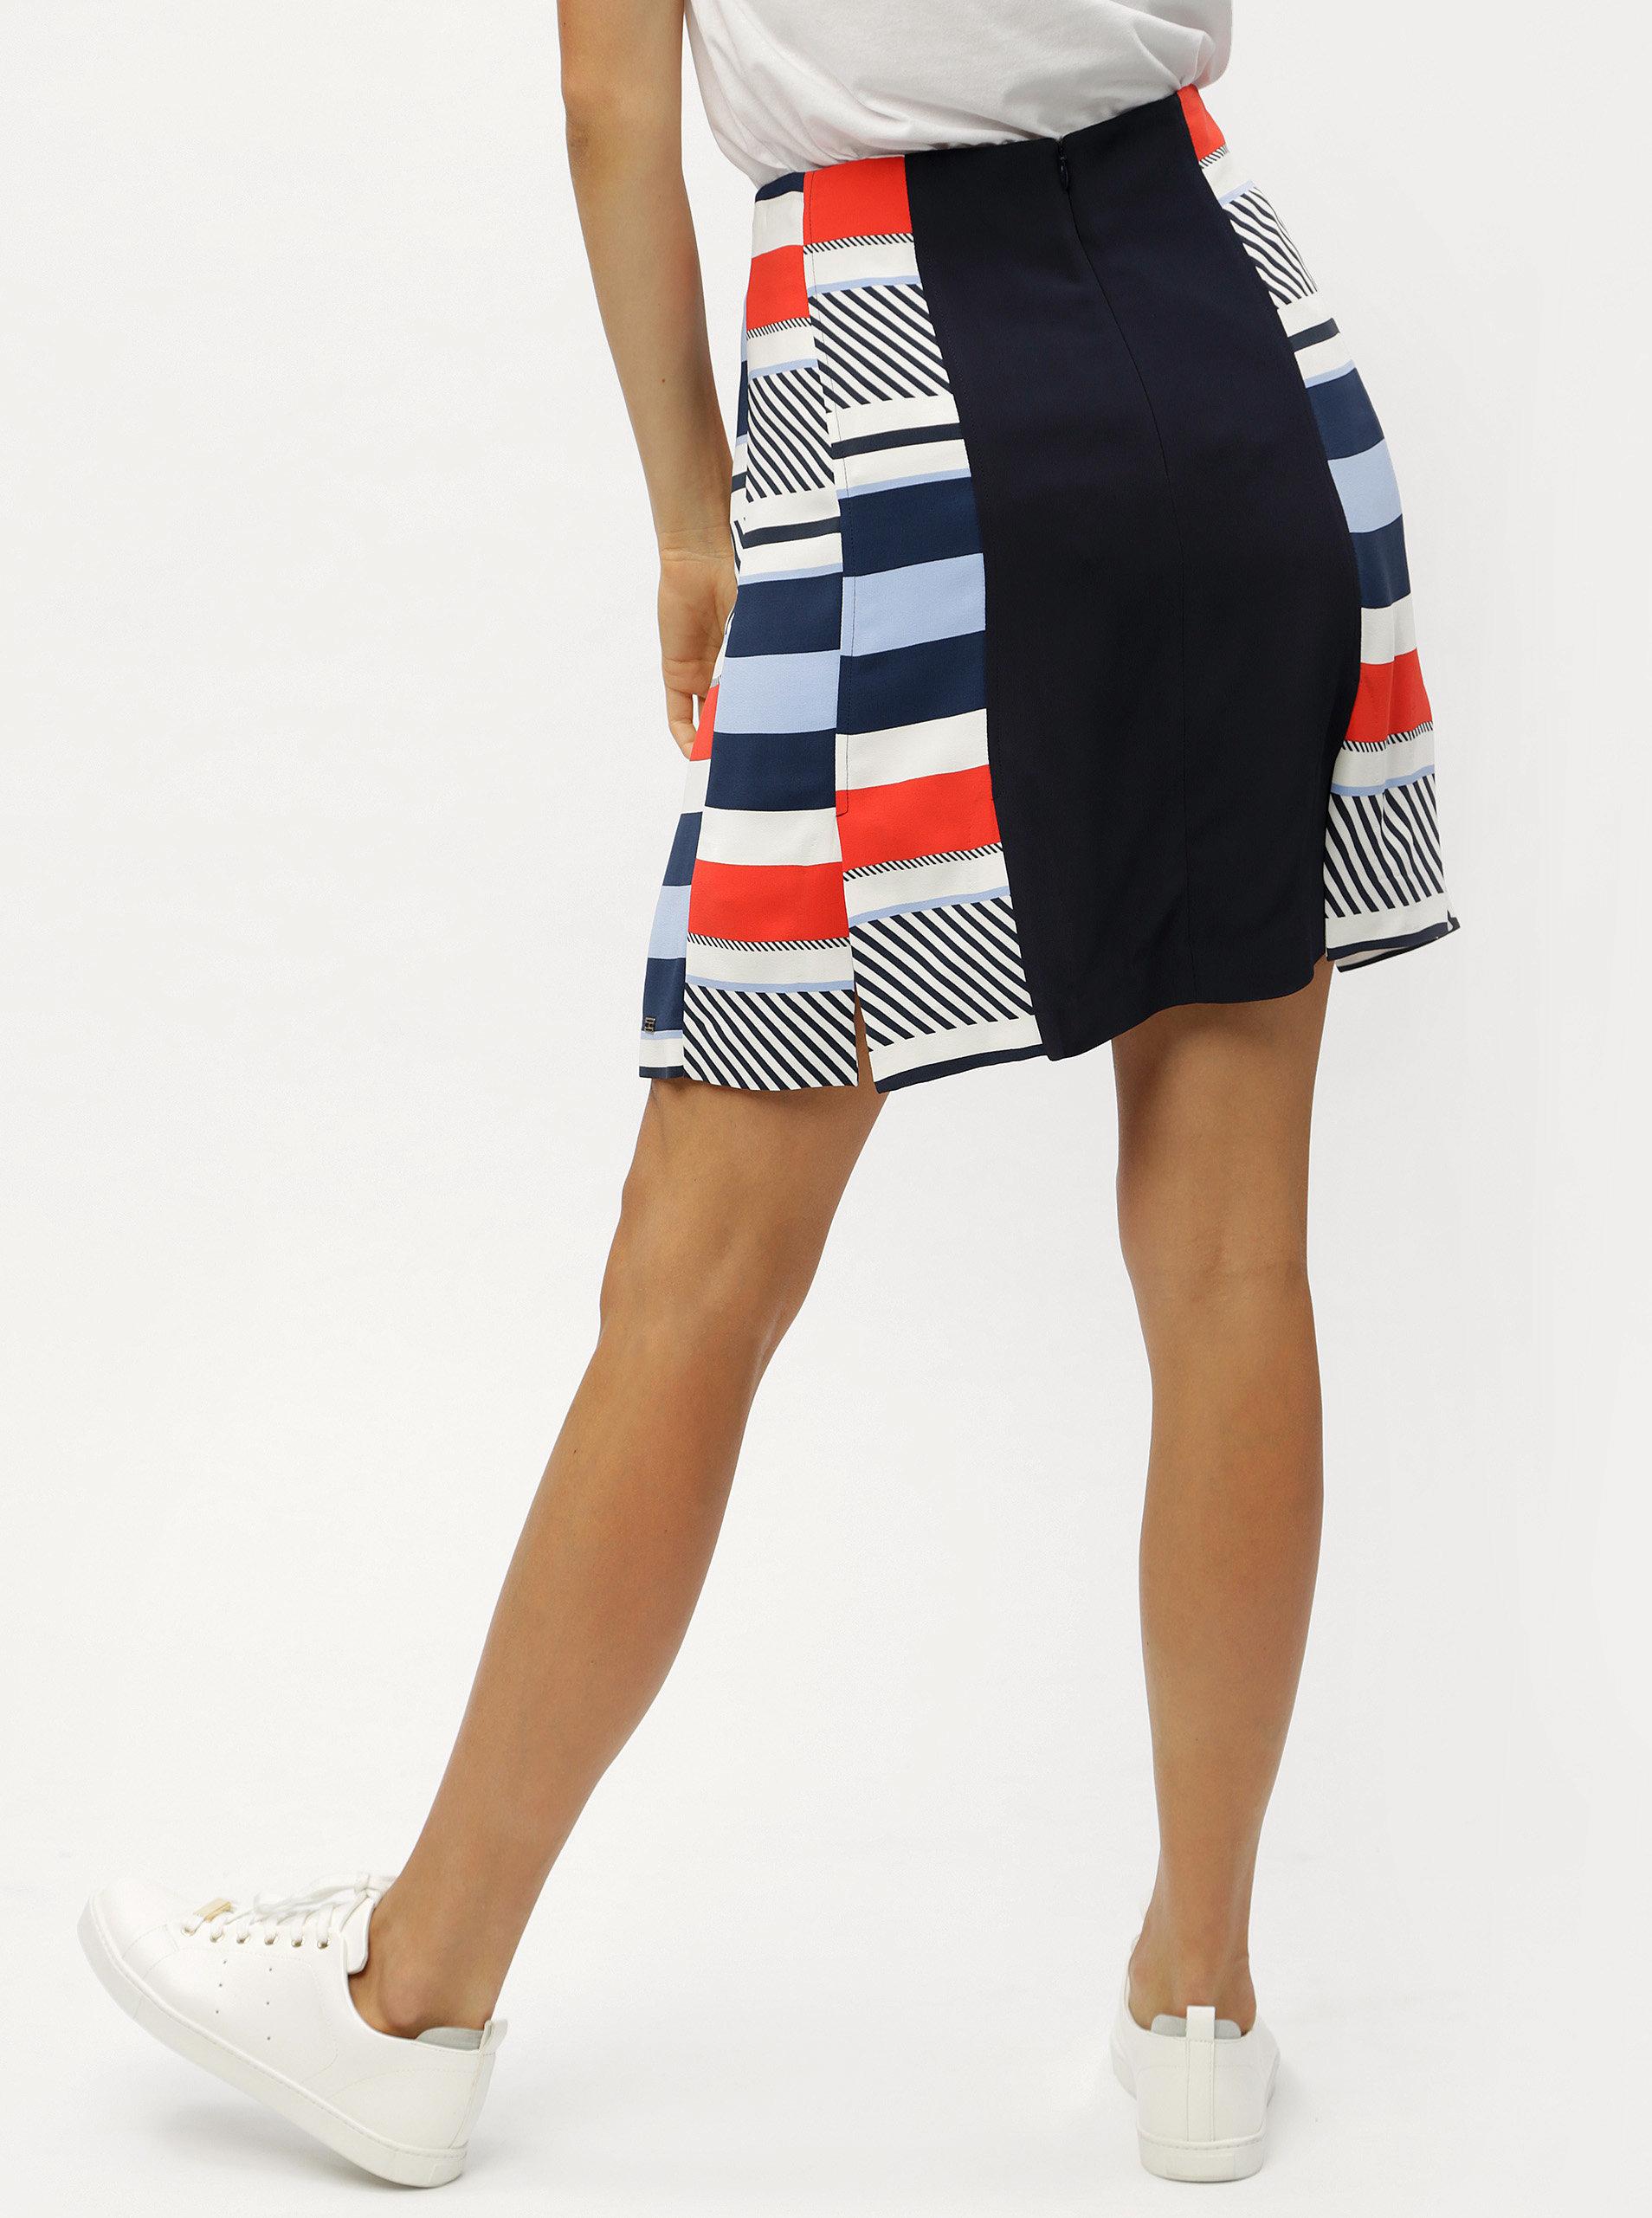 ba99127d7e Tmavomodrá vzorovaná áčková sukňa Tommy Hilfiger ...